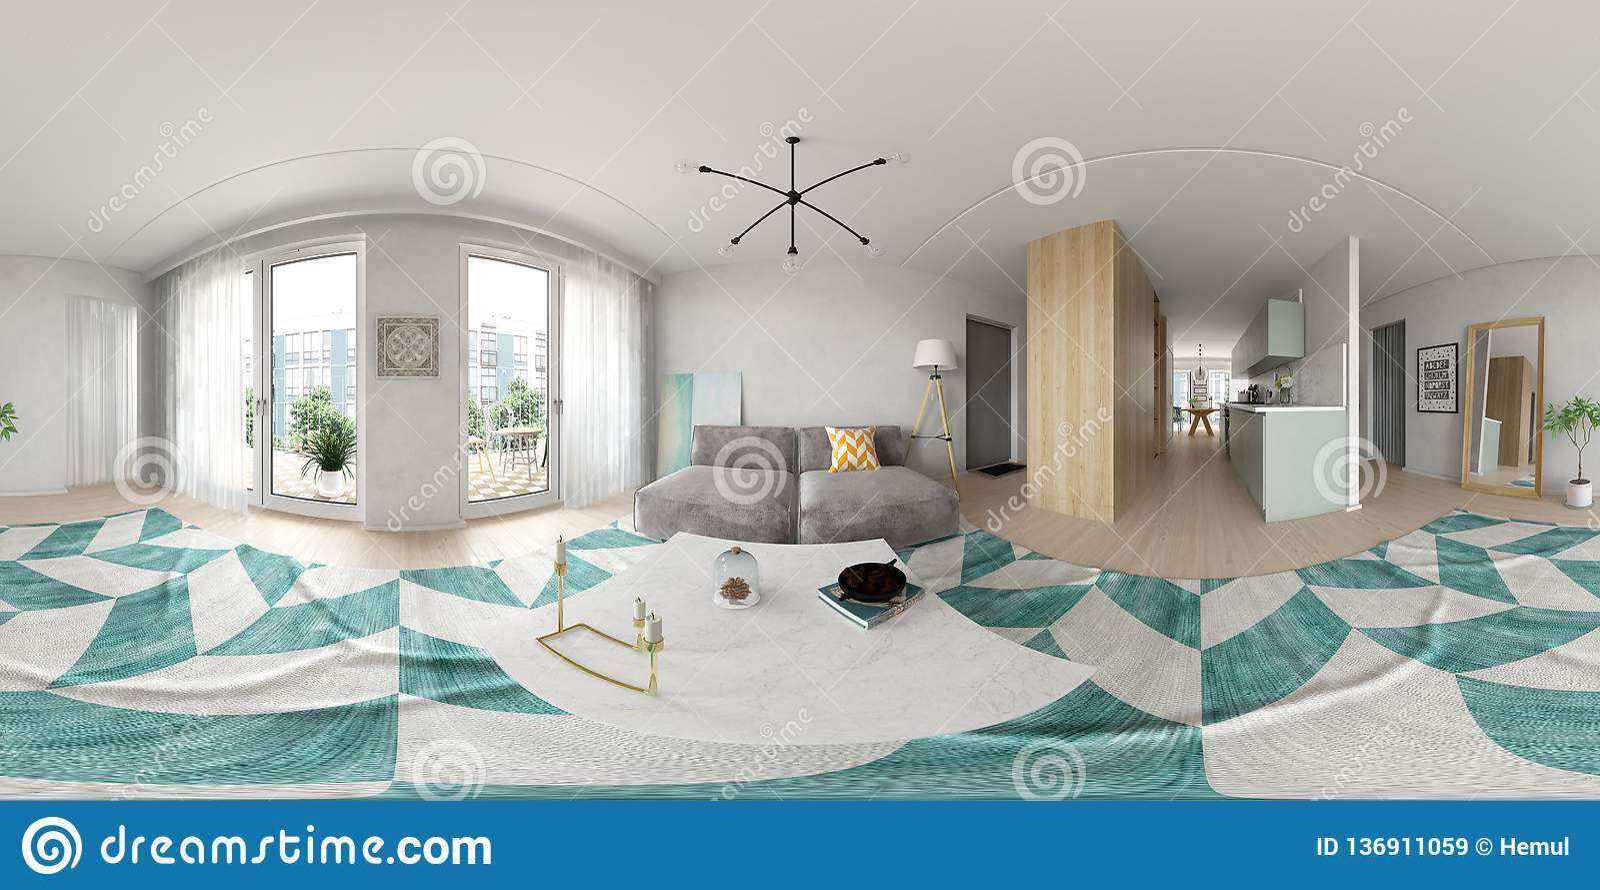 Representación escandinava del diseño interior 3D del estilo 360 de la proyección esférica del panorama